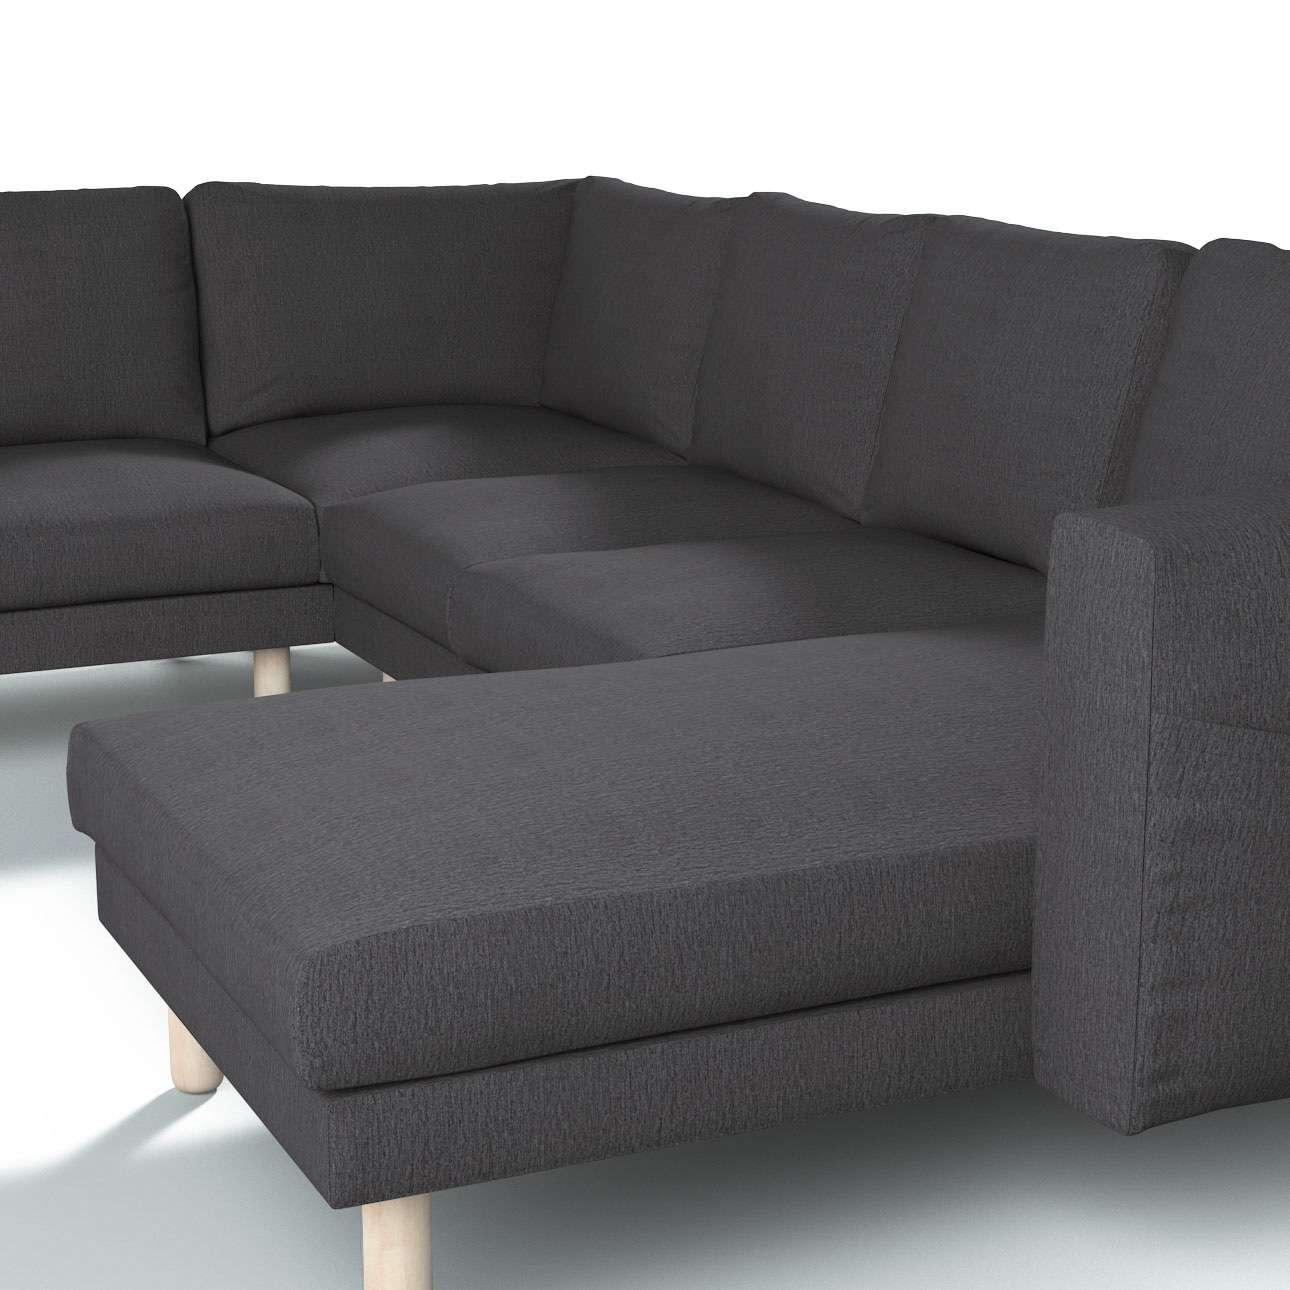 Pokrowiec na sofę narożną Norsborg 5-osobową z szezlongiem w kolekcji Chenille, tkanina: 702-20